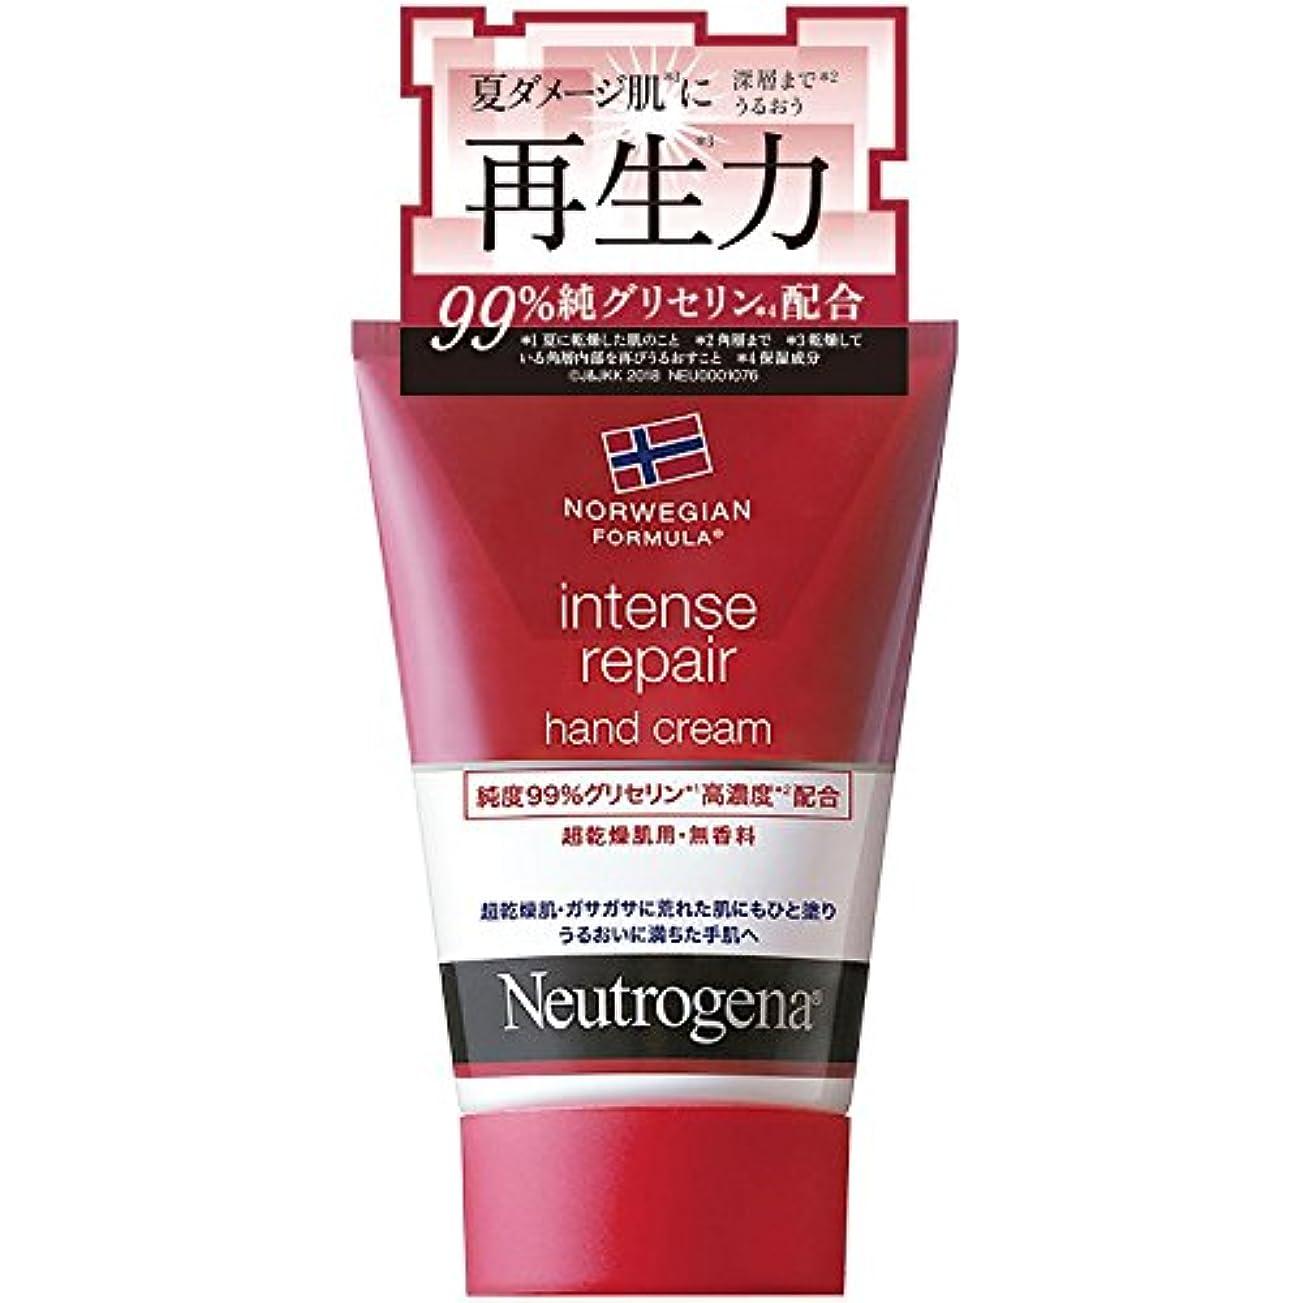 広々暴力的なおなじみのNeutrogena(ニュートロジーナ) ノルウェーフォーミュラ インテンスリペア ハンドクリーム 超乾燥肌用 無香料 単品 50g